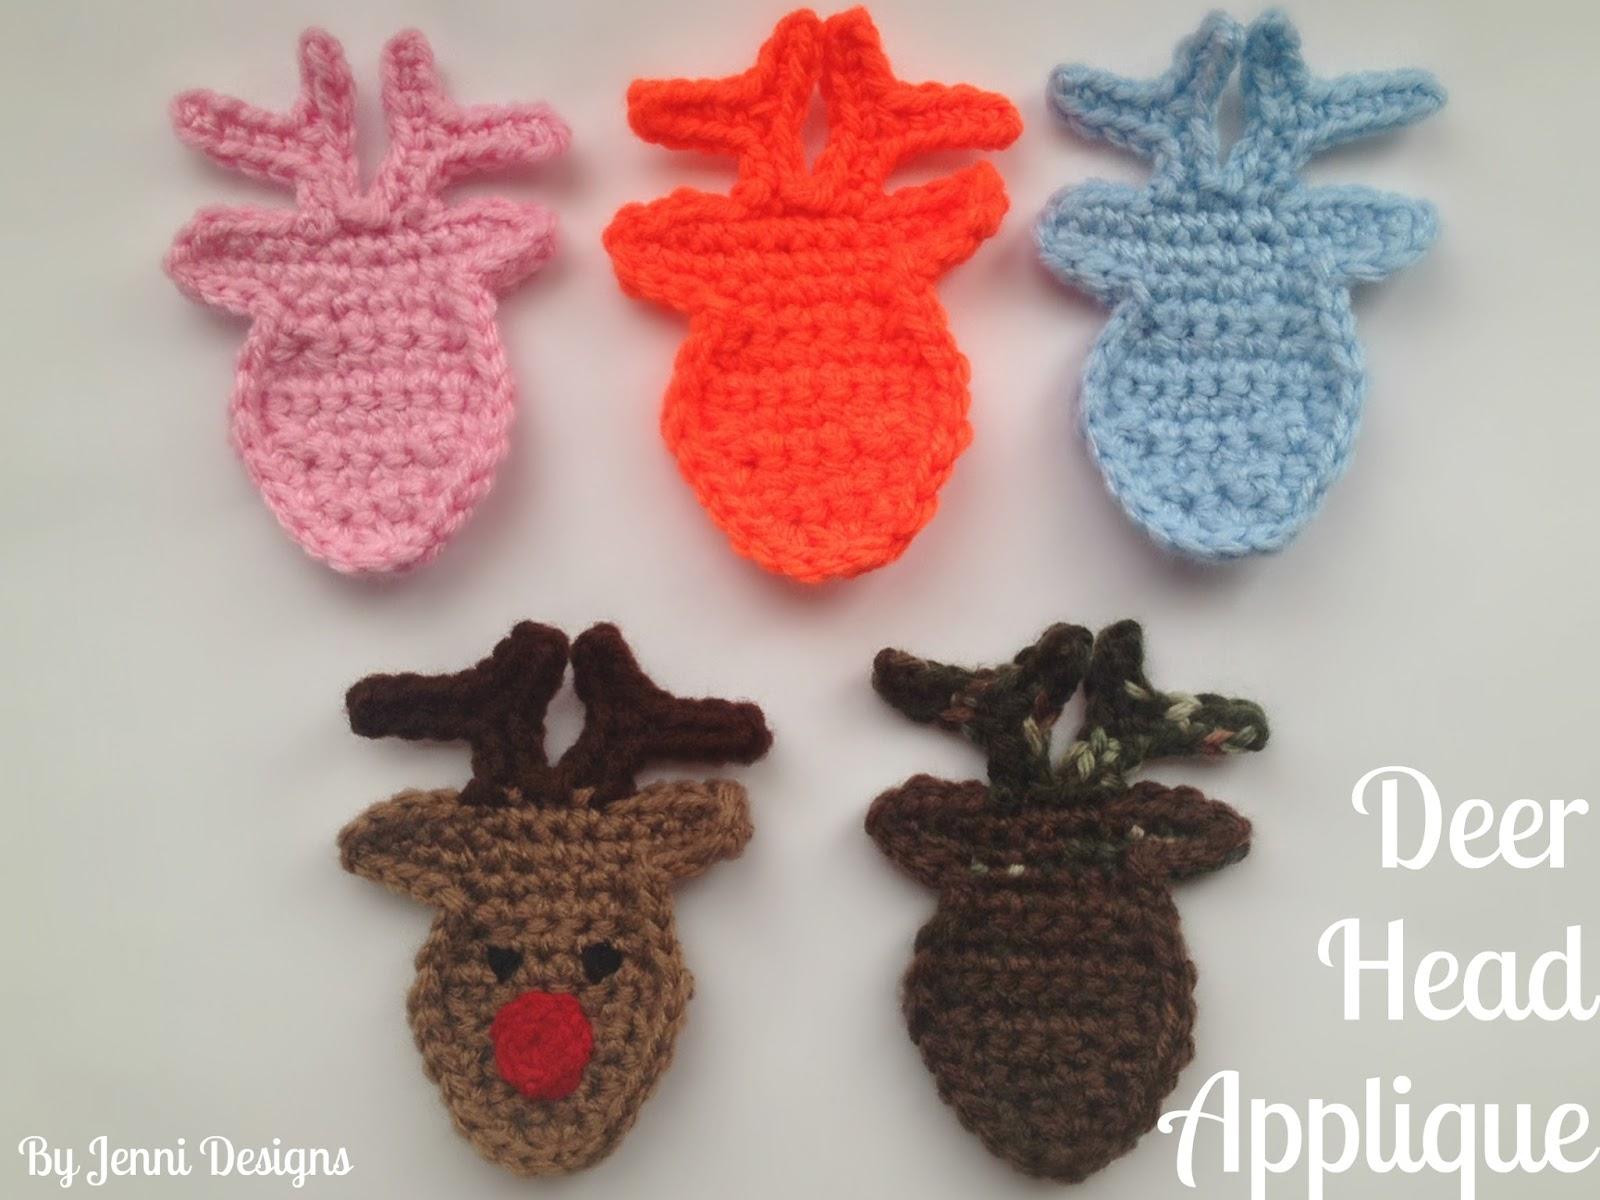 By Jenni Designs: Free Crochet Pattern Tutorial: Deer Head Applique